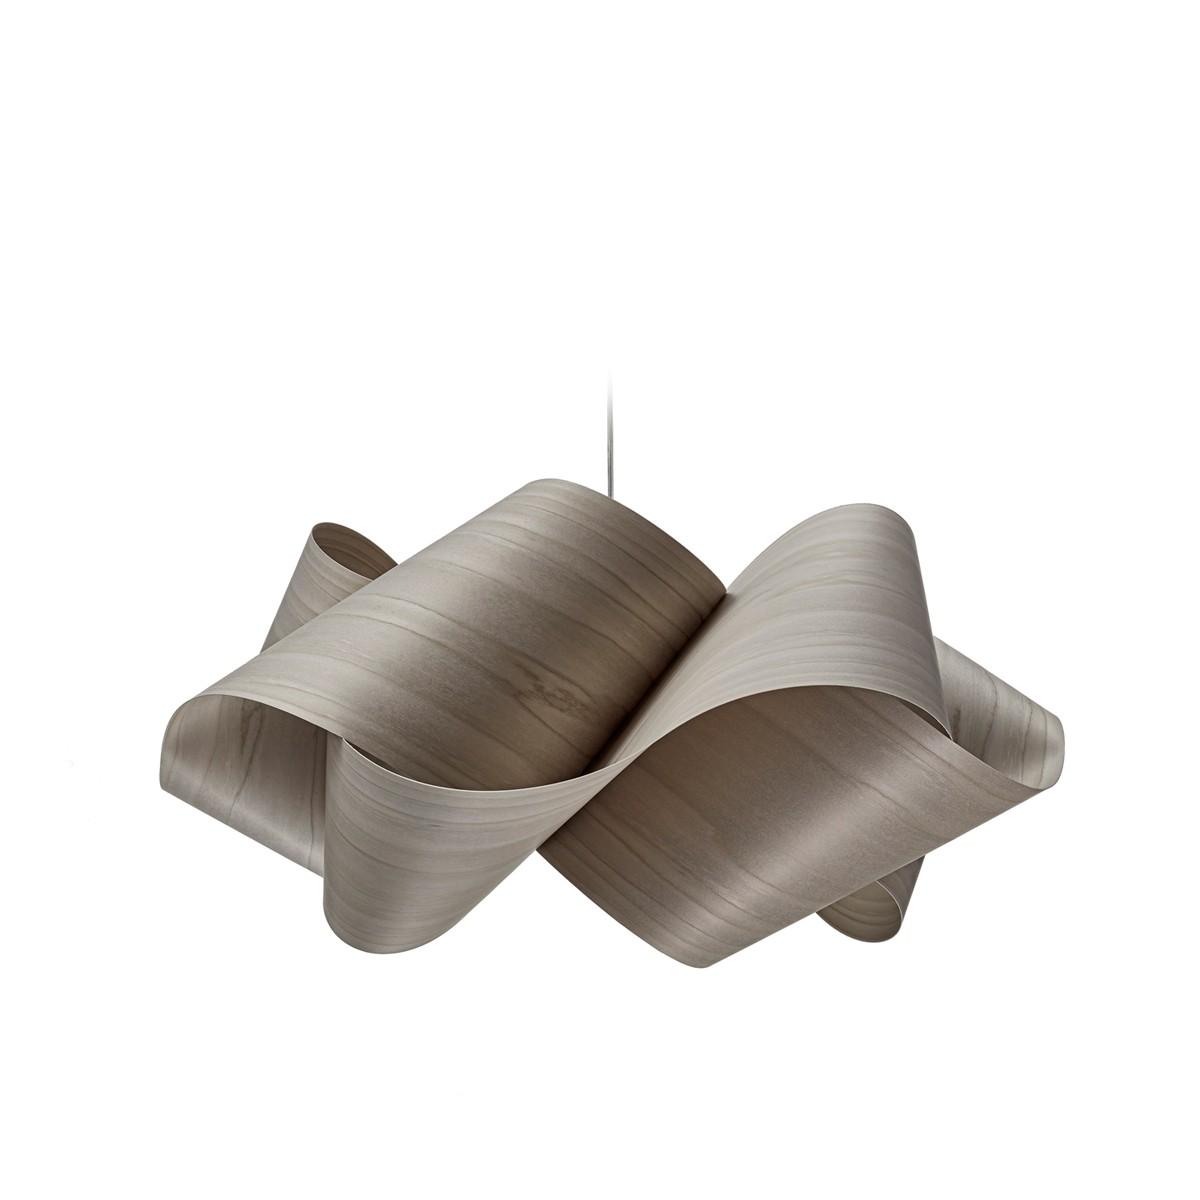 LZF Lamps Swirl Small Pendelleuchte, grau